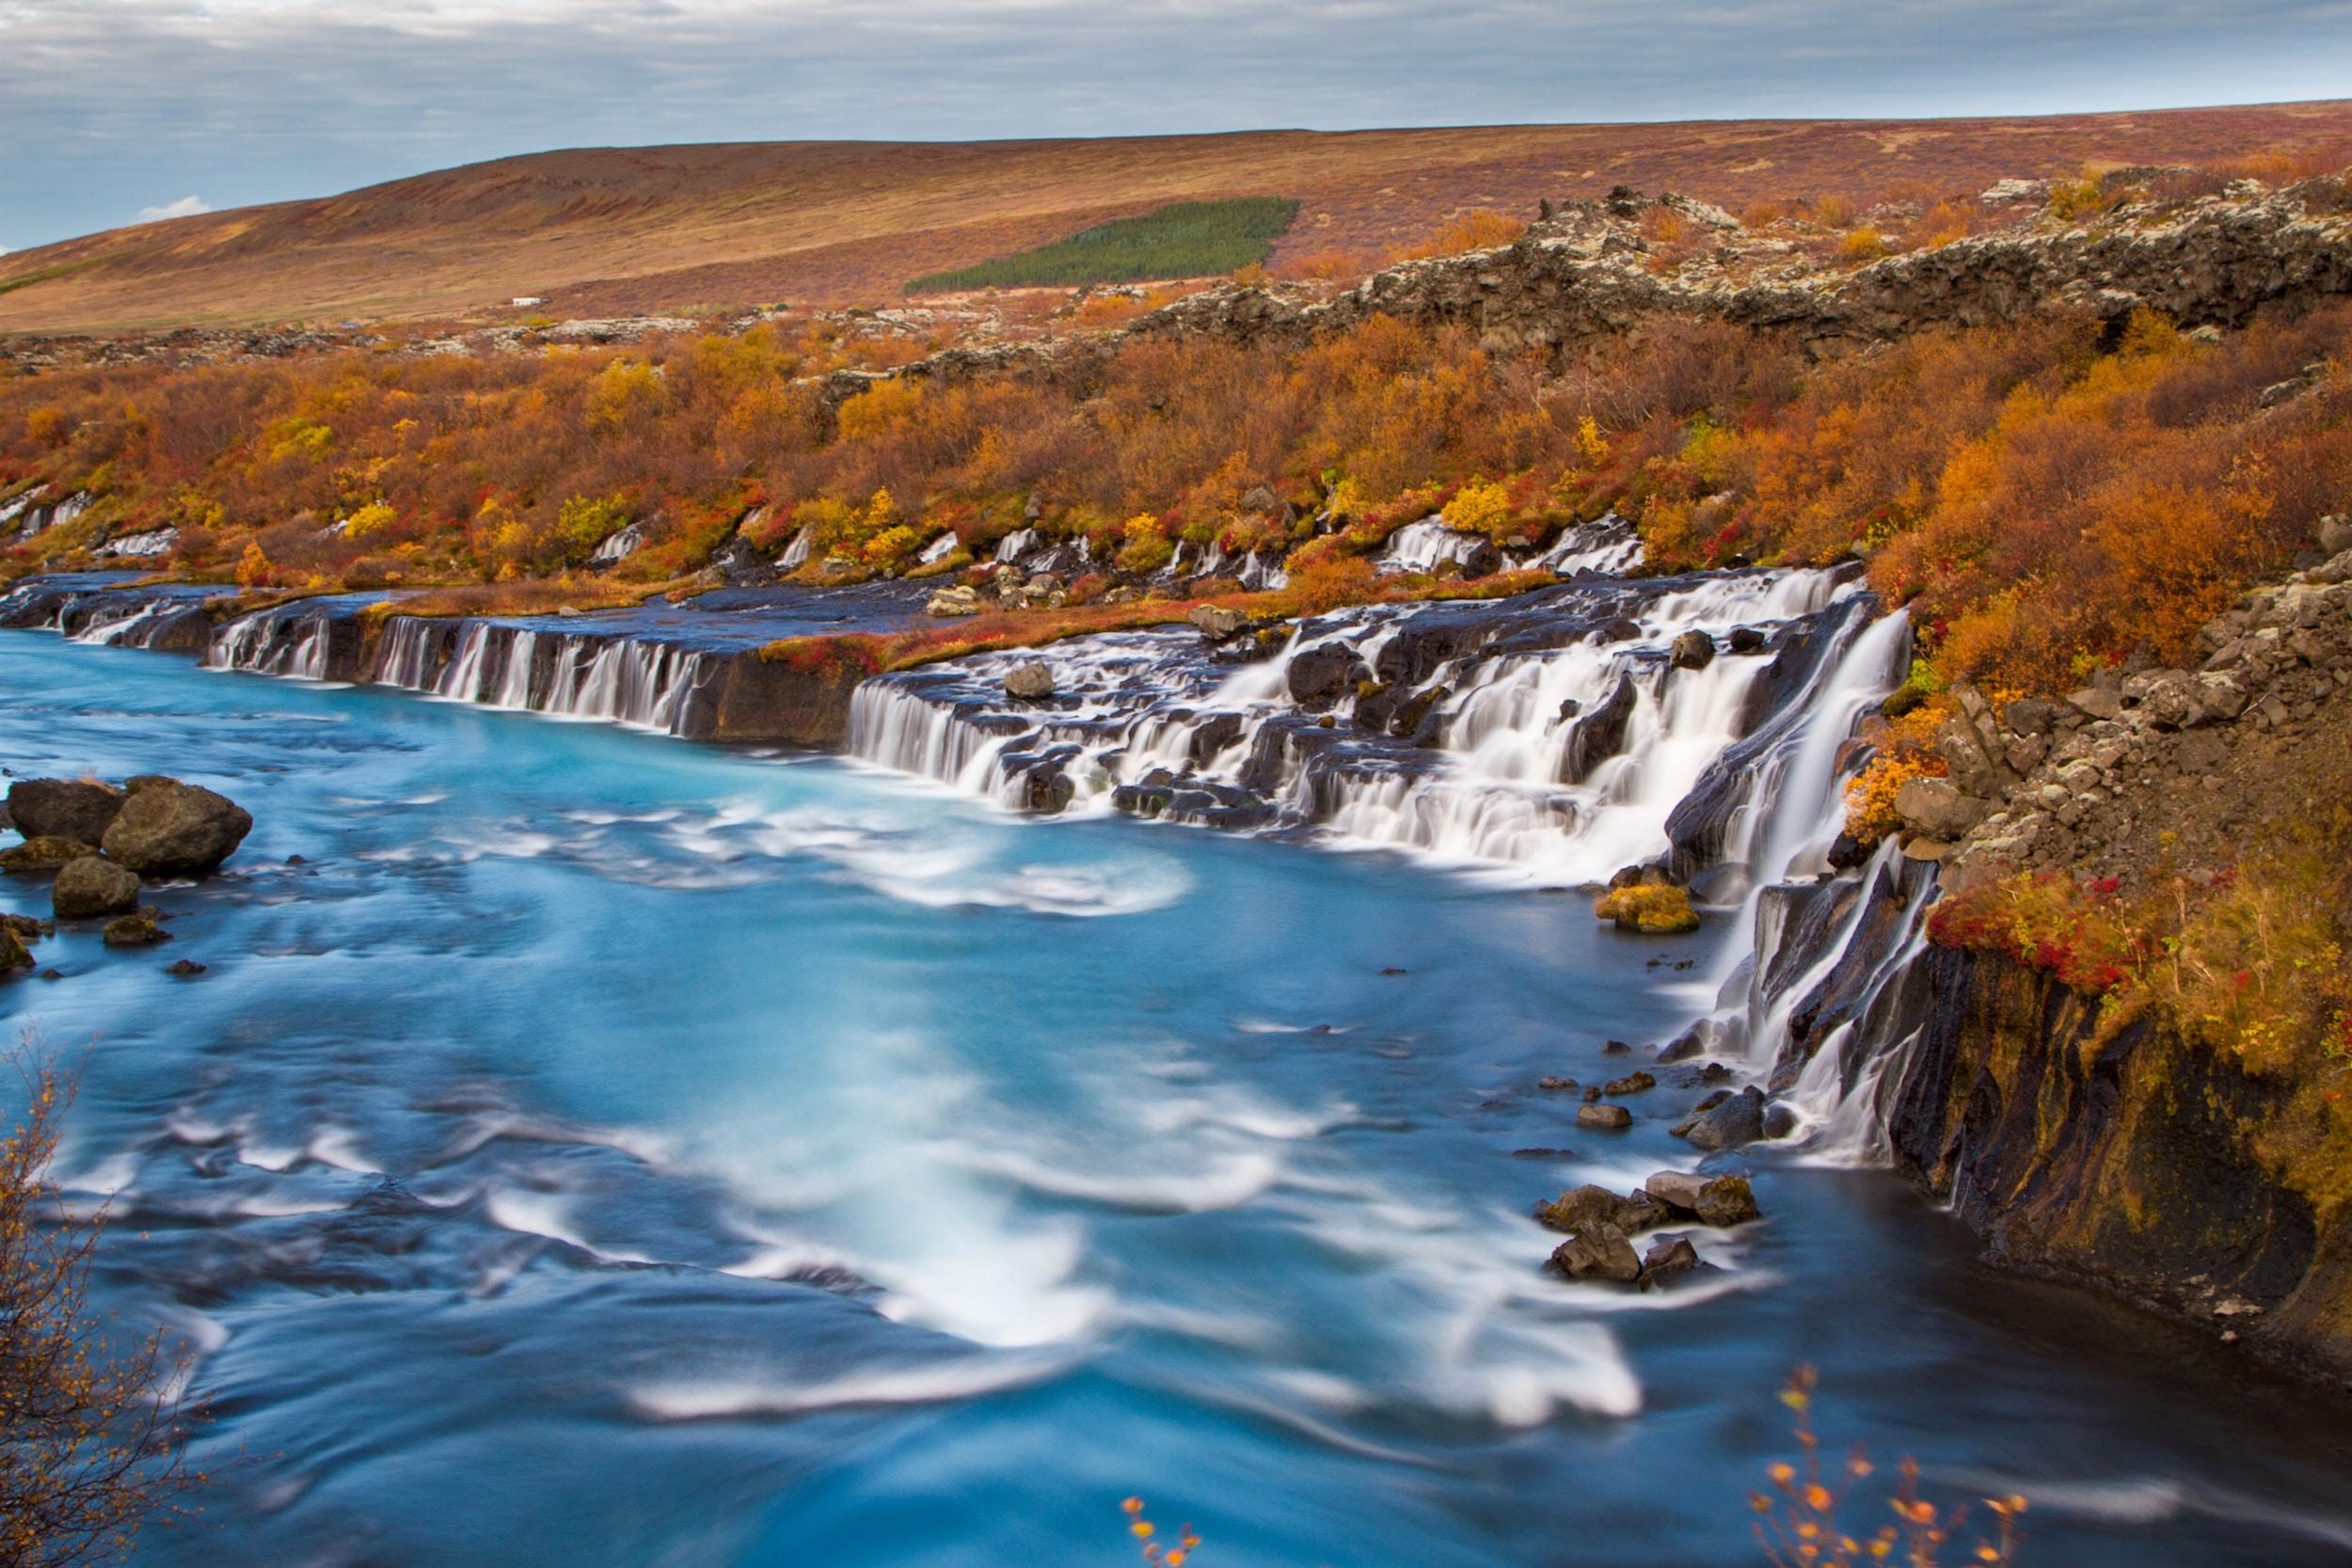 ภาพน้ำตกไหลลงไปยังแม่น้ำที่งดงามในทางตะวันตกของประเทศไอซ์แลนด์